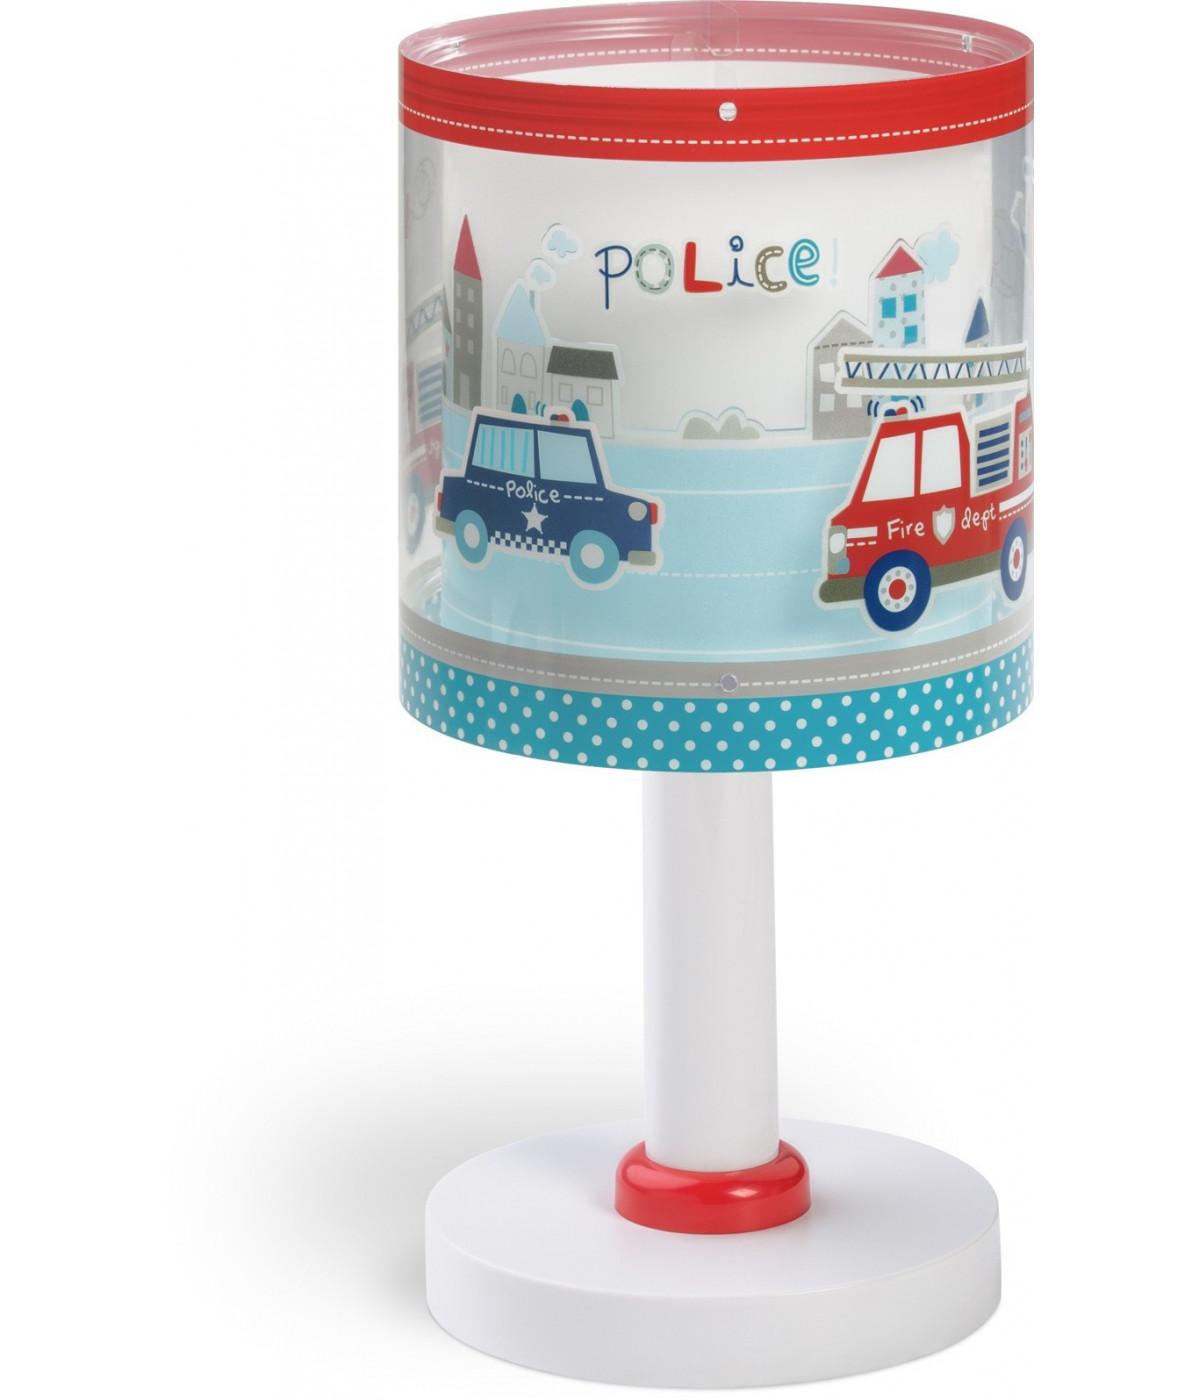 Lampada da comodino per bambini Police